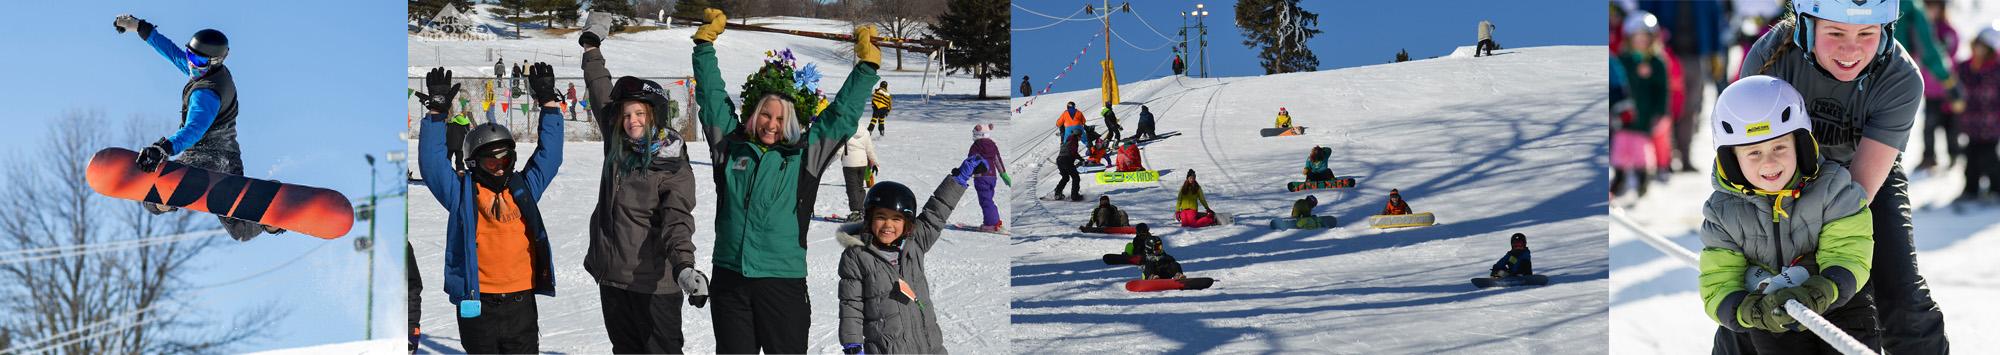 Como Park Ski Center Banner.